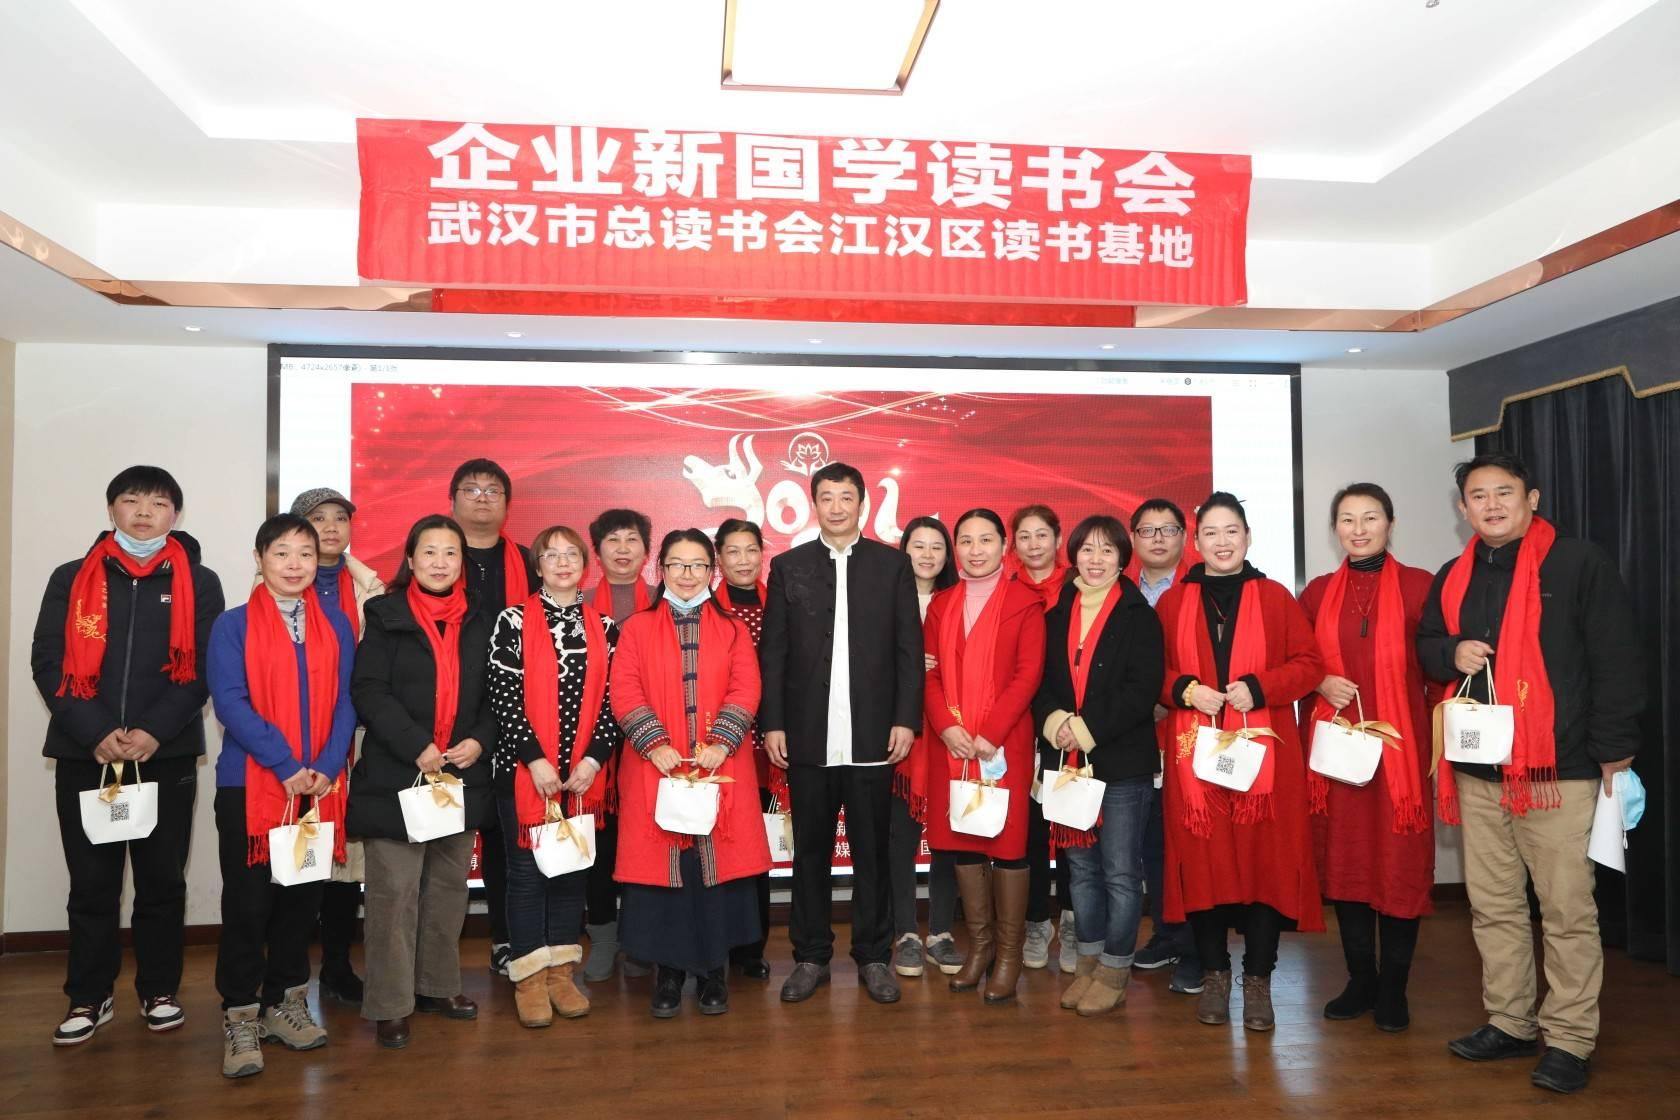 张伟杰教授公益讲座暨企业新国学读书会2020年度表彰大会隆重举行